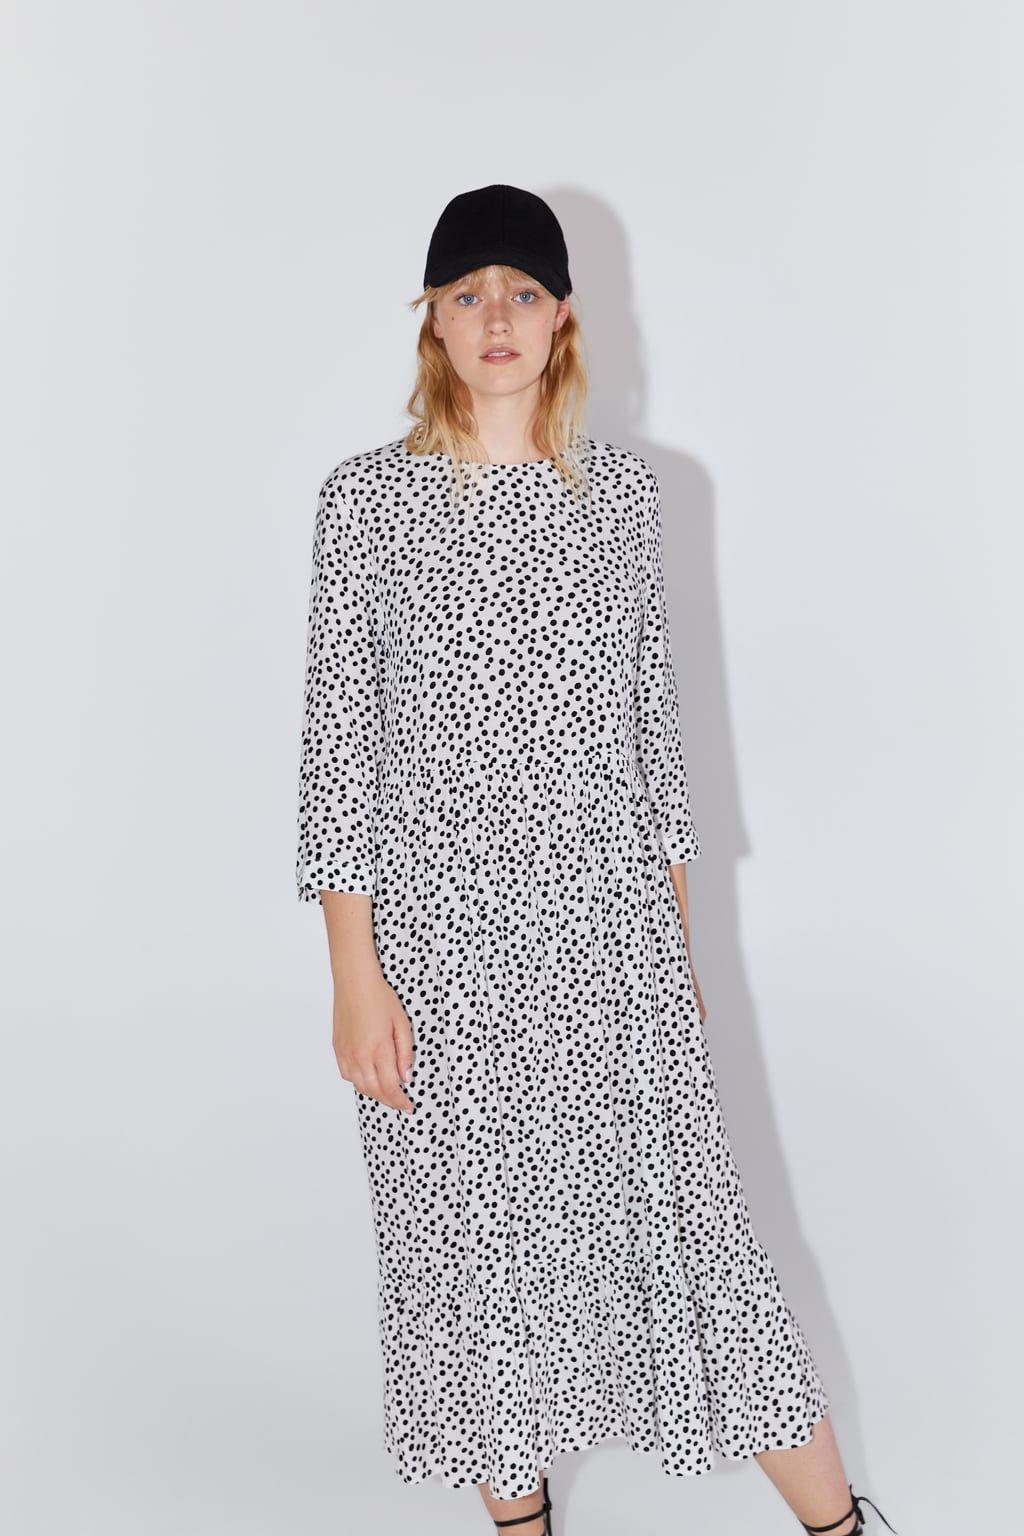 tan baratas descuento más bajo predominante Este vestido de lunares de Zara ya tiene una cuenta de Instagram